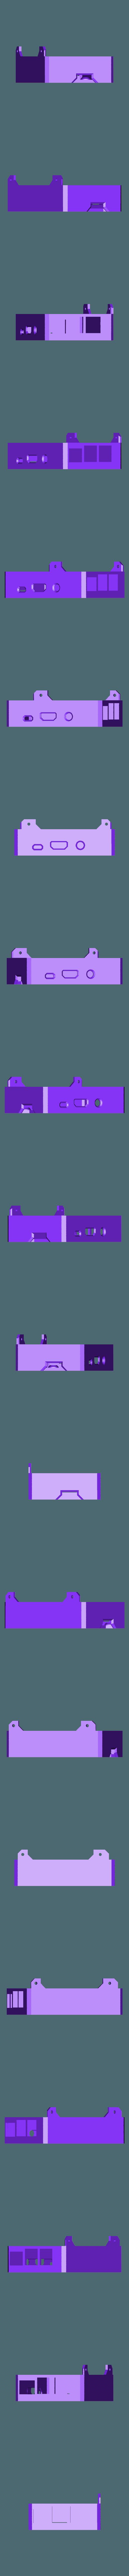 Caja_Raspy.stl Télécharger fichier STL gratuit Boîte Pi3 à la framboise pour Vslot • Objet pour imprimante 3D, EugenioFructuoso